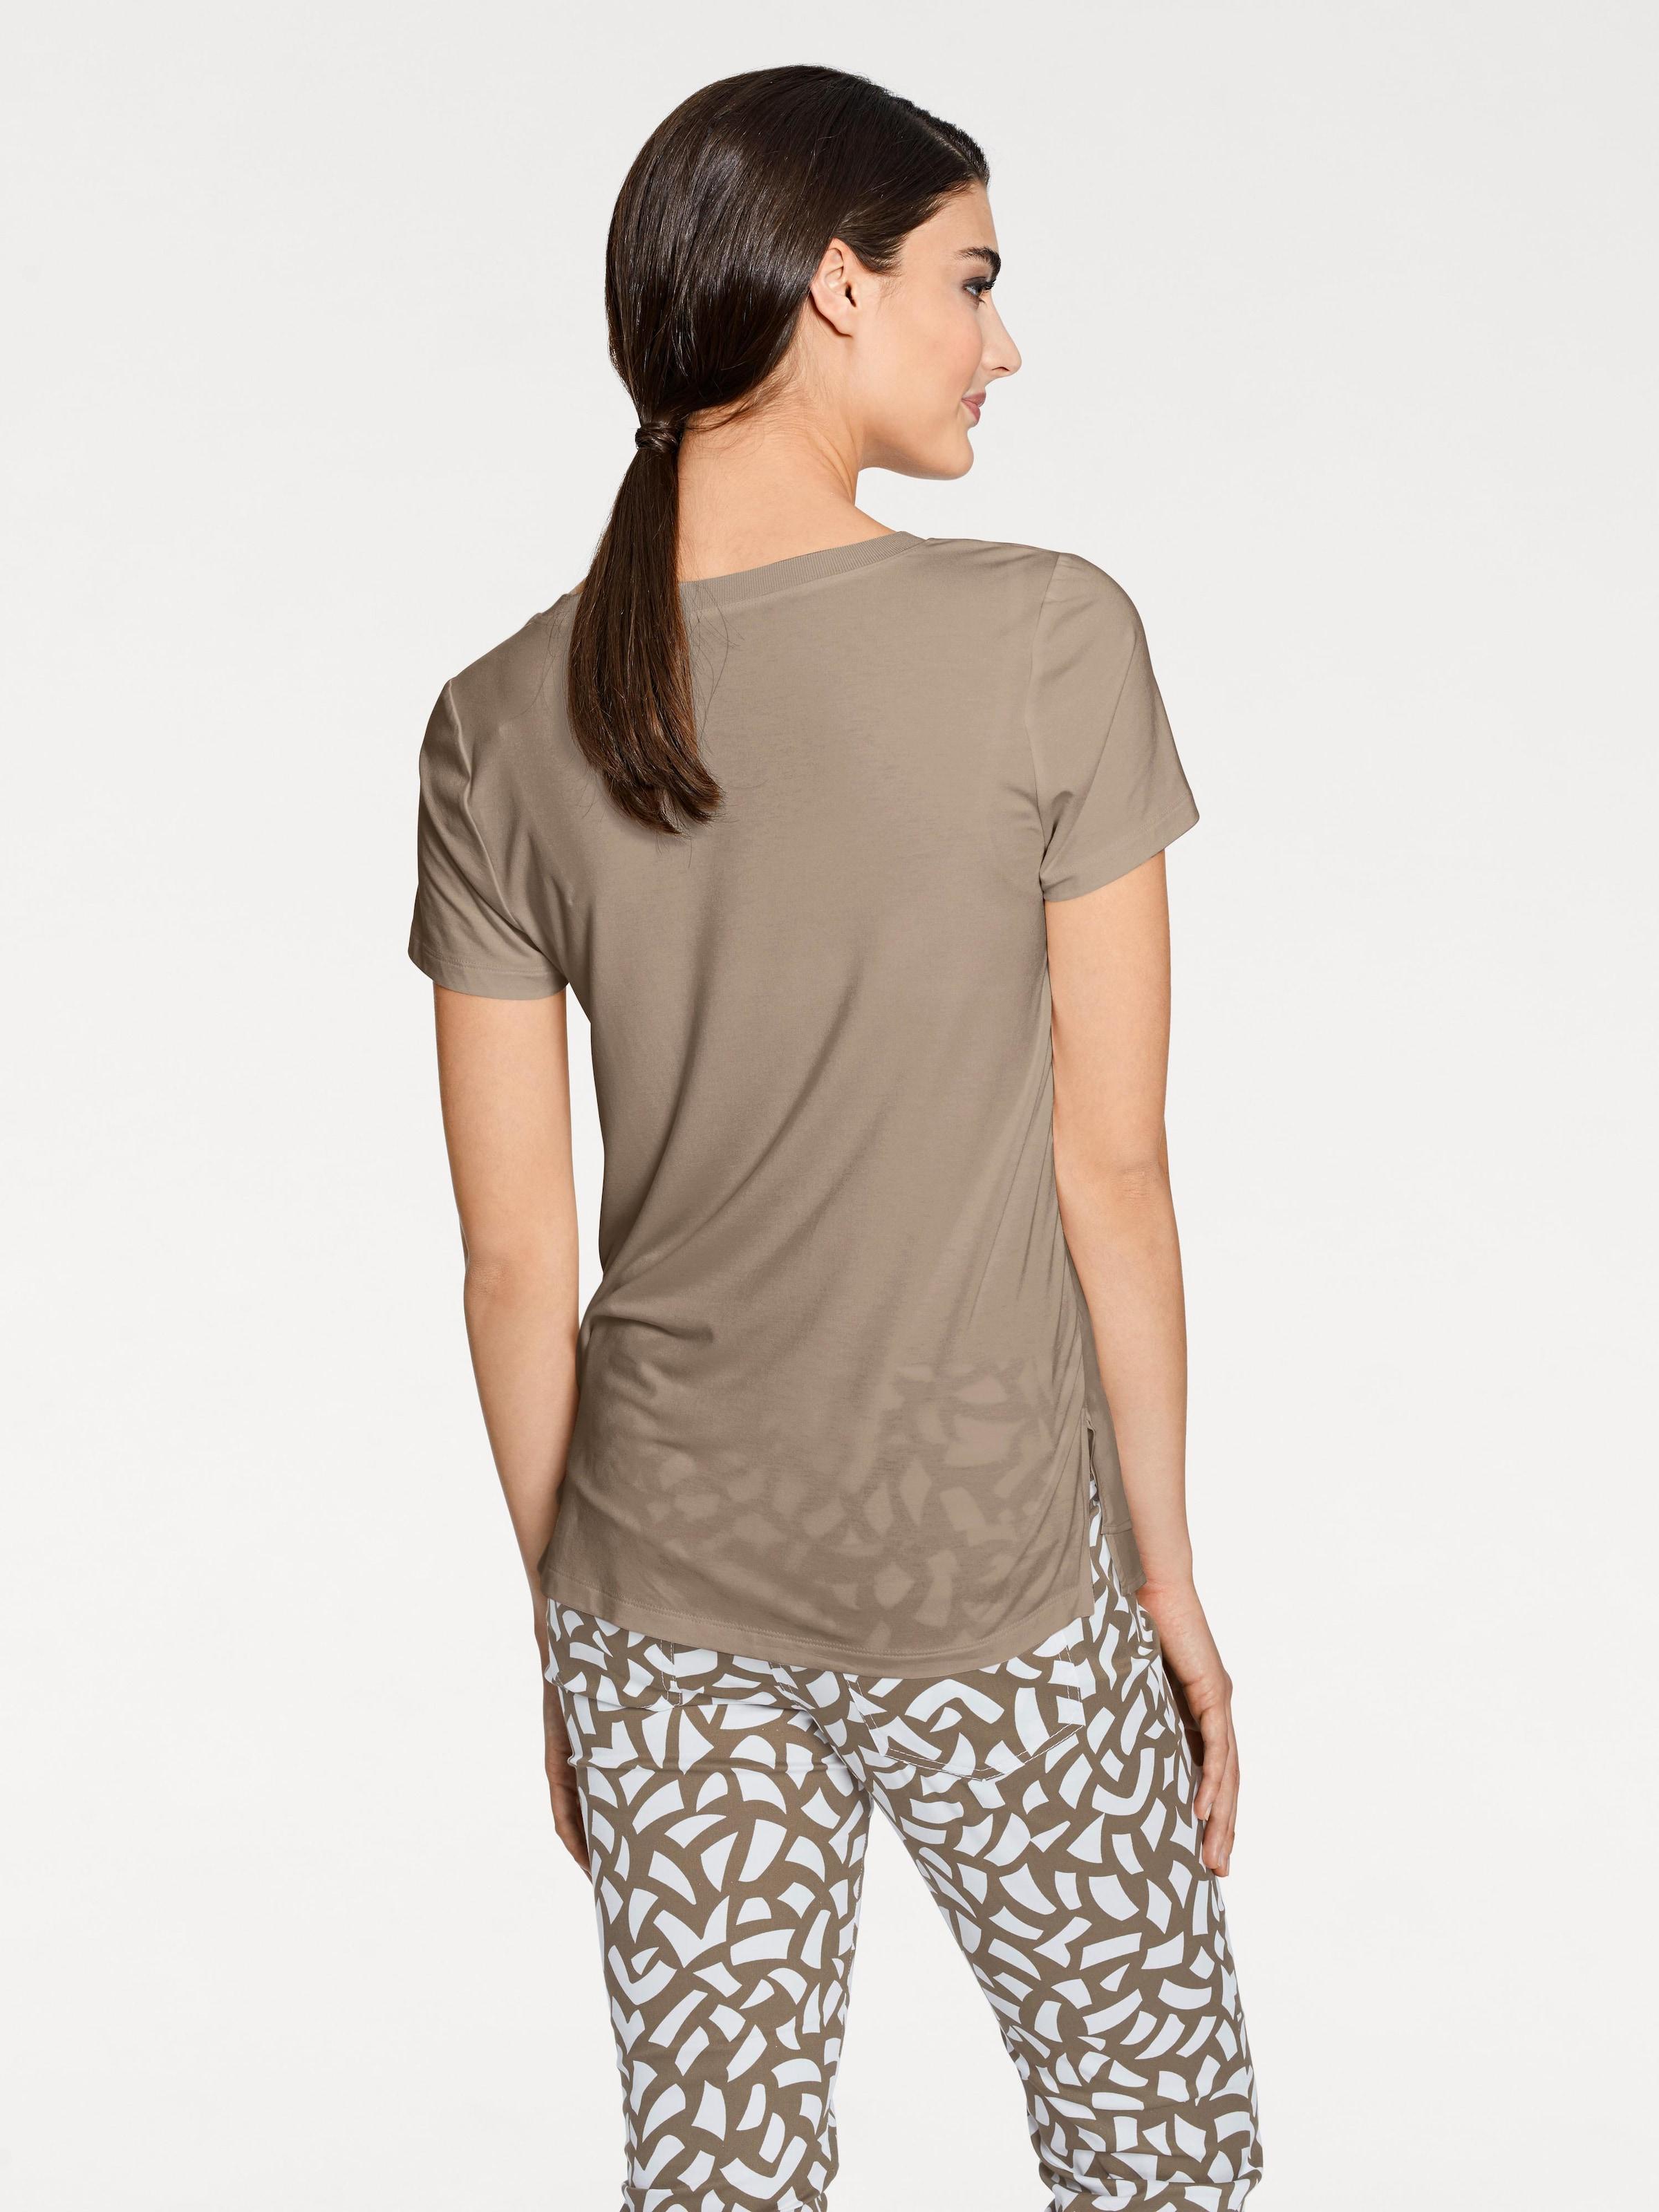 Heine Shirt Taupe Heine Heine Taupe Shirt In In In Shirt kPXZiuO